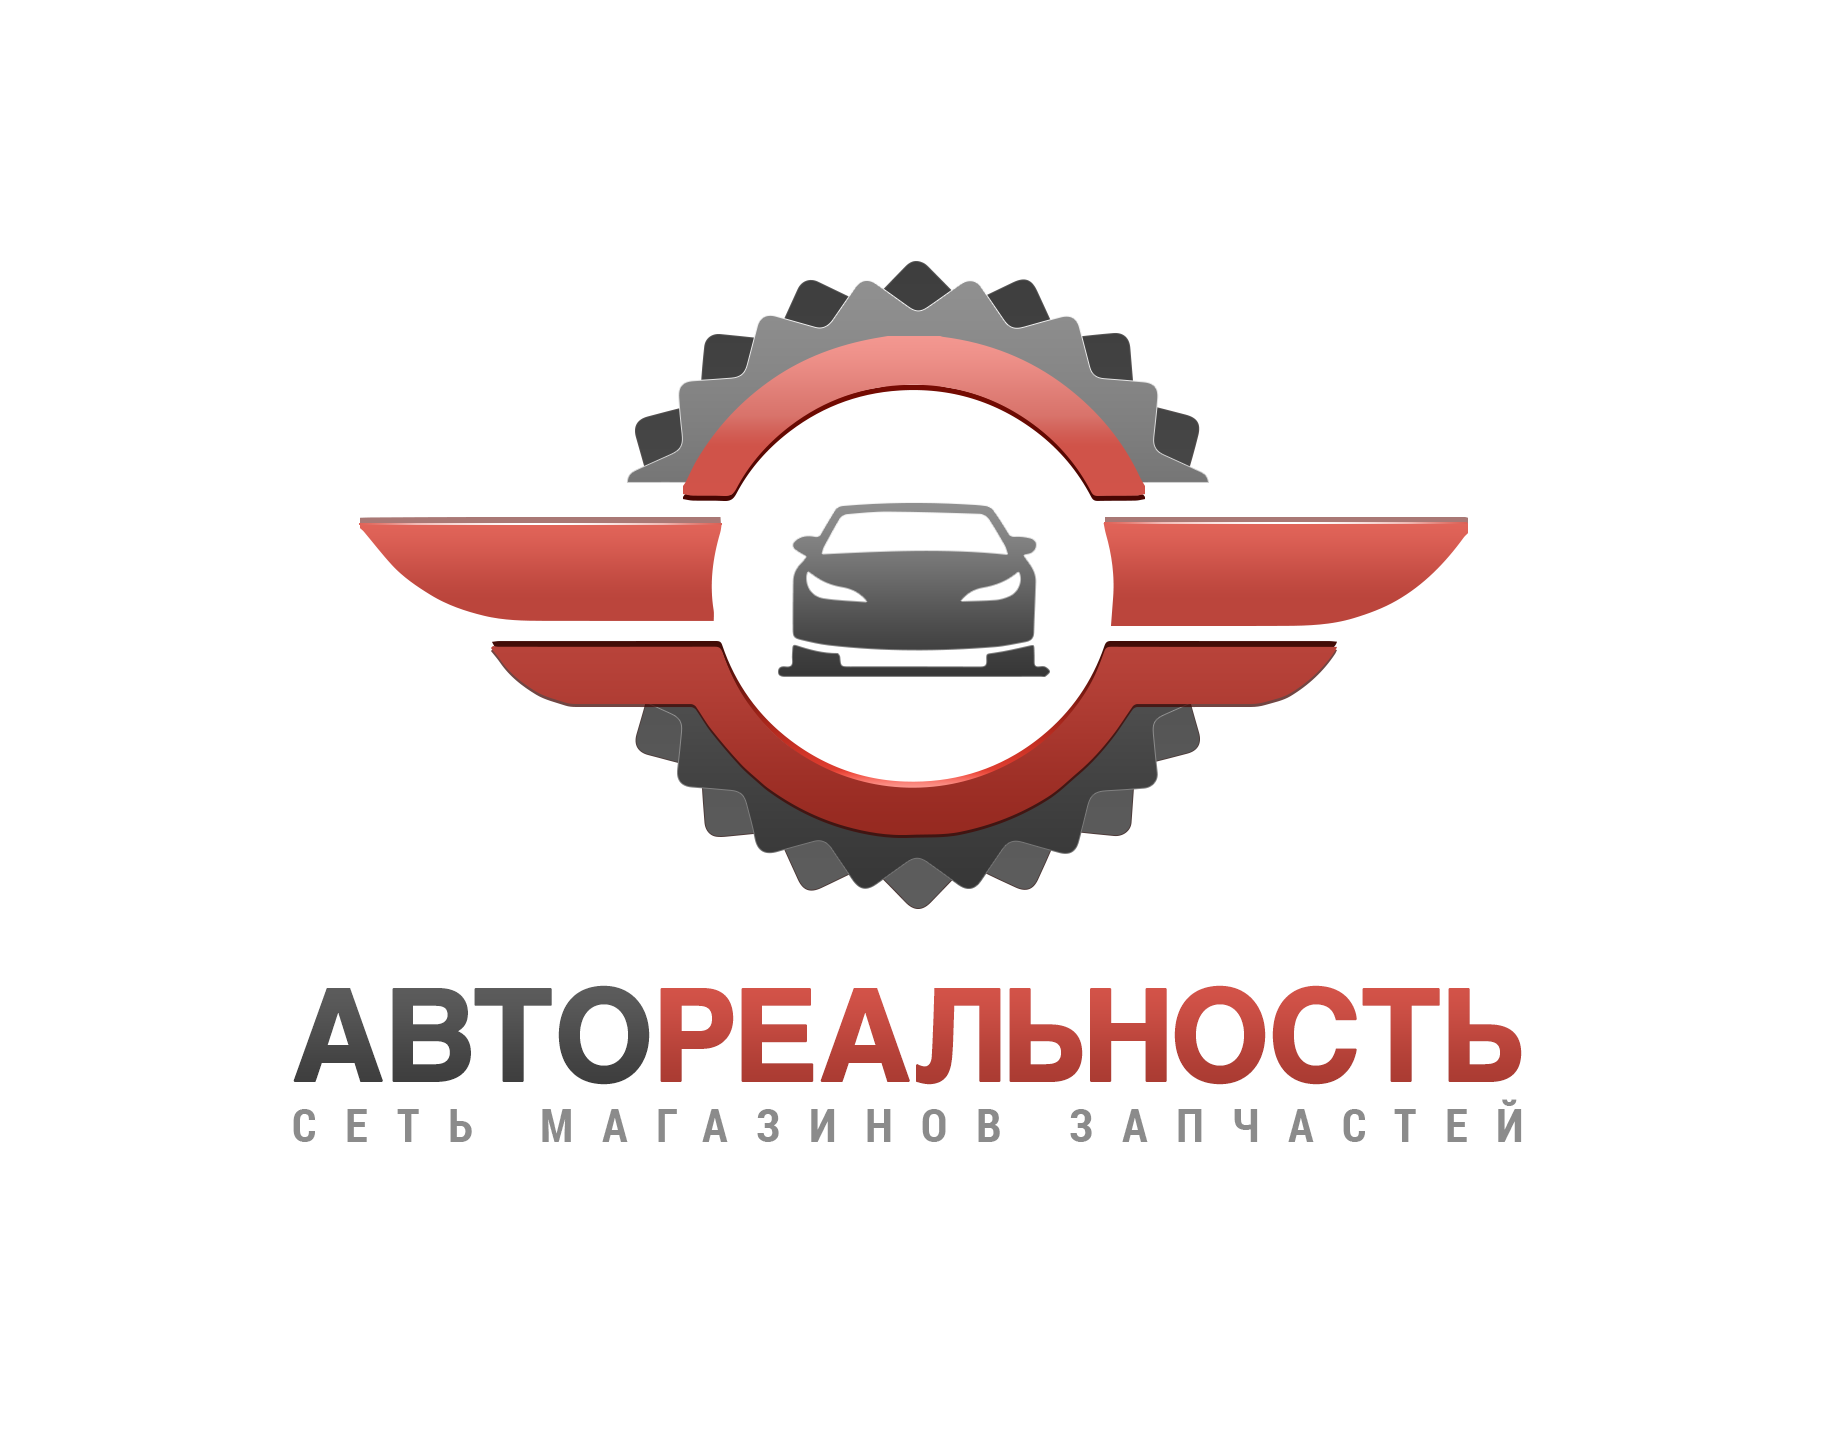 976ace37fbe0 Интернет-магазин автозапчастей в Екатеринбурге на Донбасская, 1 — отзывы,  адрес, телефон, фото — Фламп